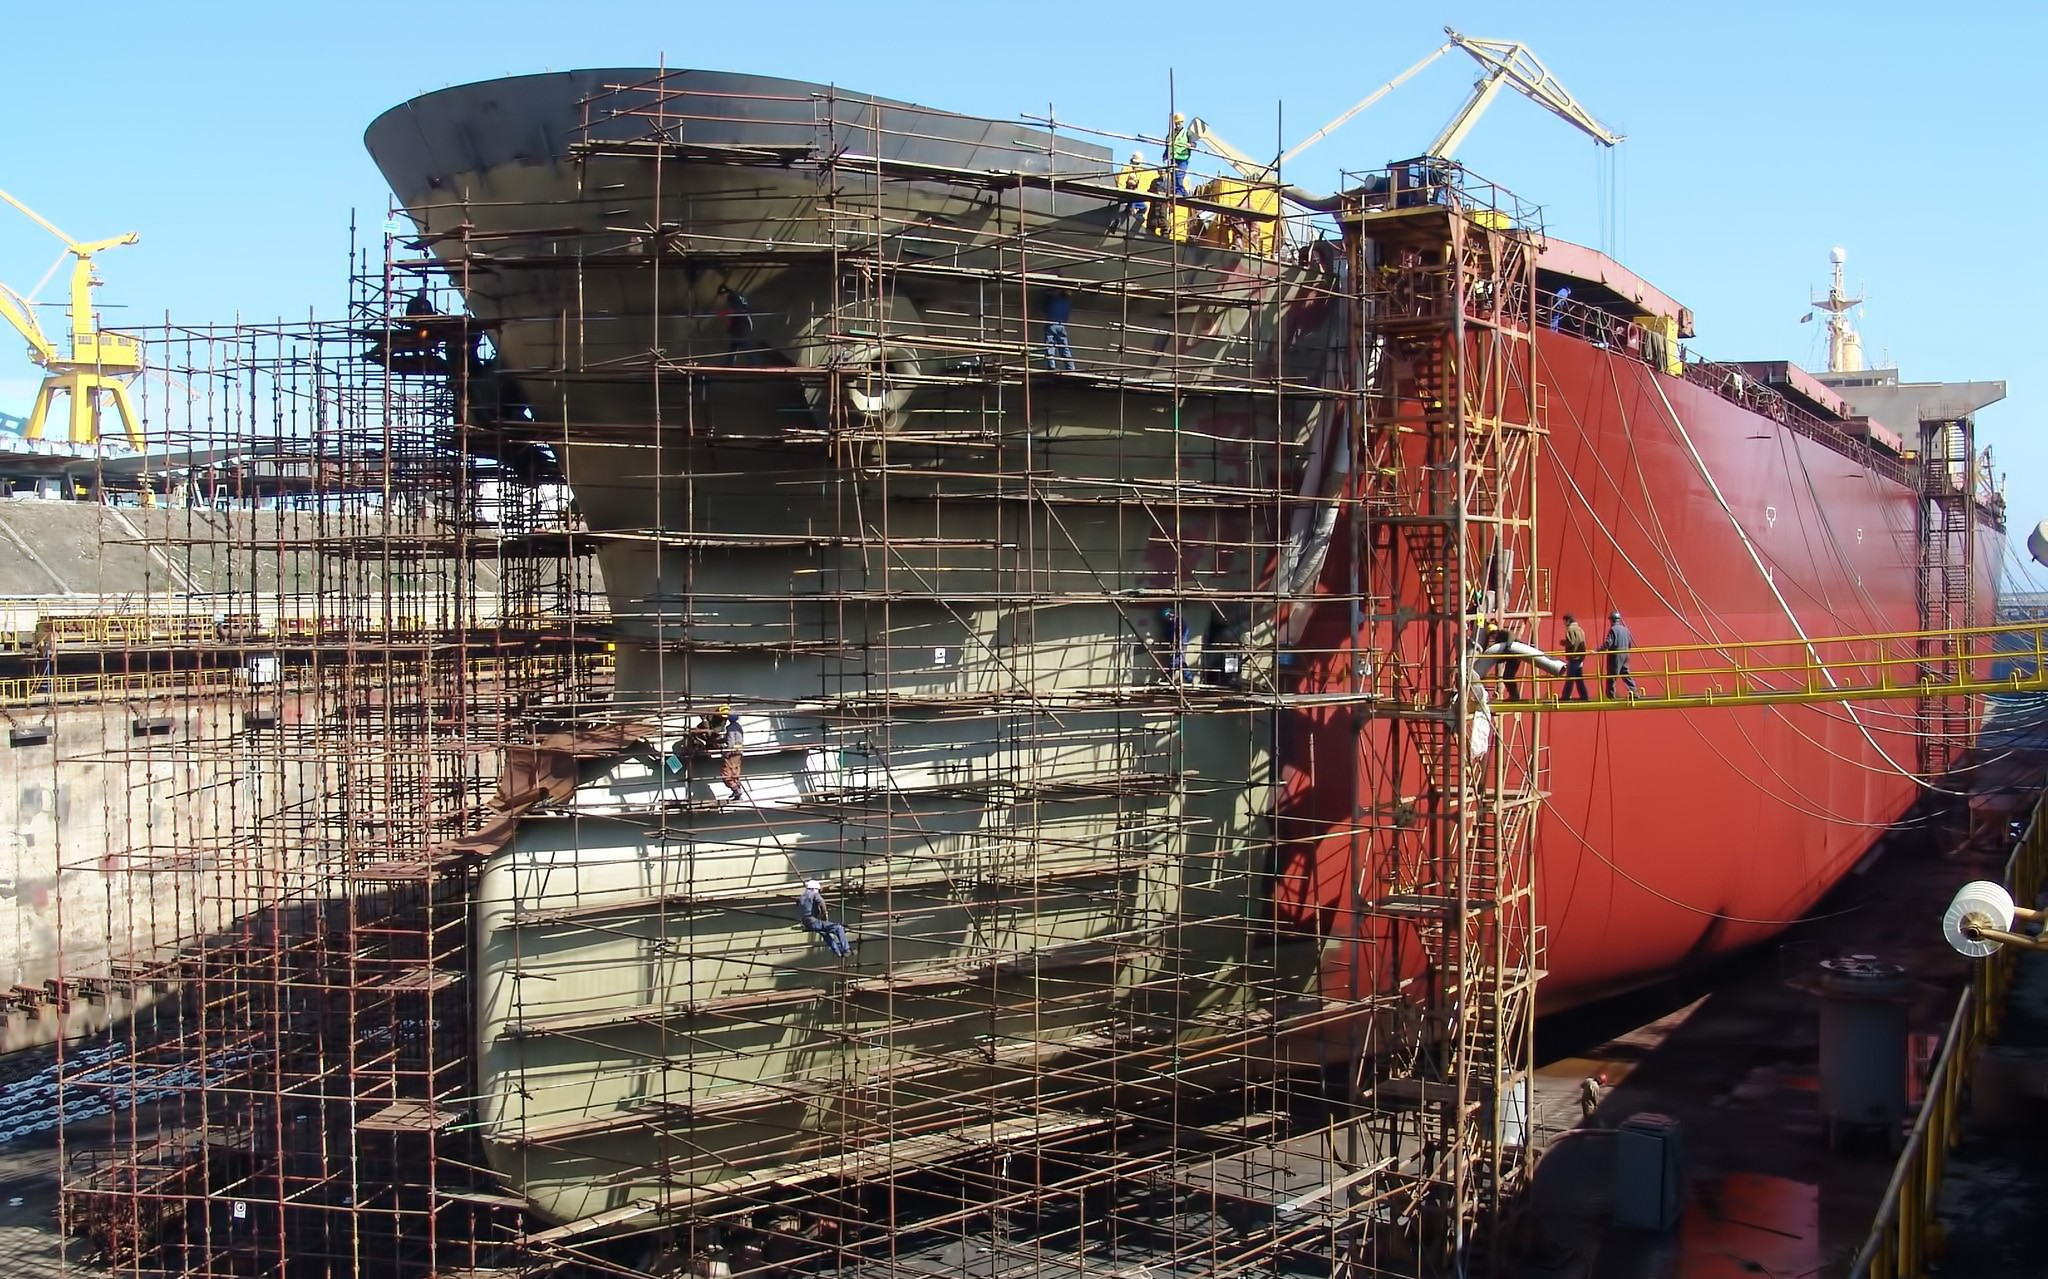 پروفرما لوله و ورق فولادی مورد مصرف در کشتی سازی - تامين فولاد   صدور و اخذ پروفرما فولاد ، فلزات غیر آهنی و شیر آلات و اتصالات